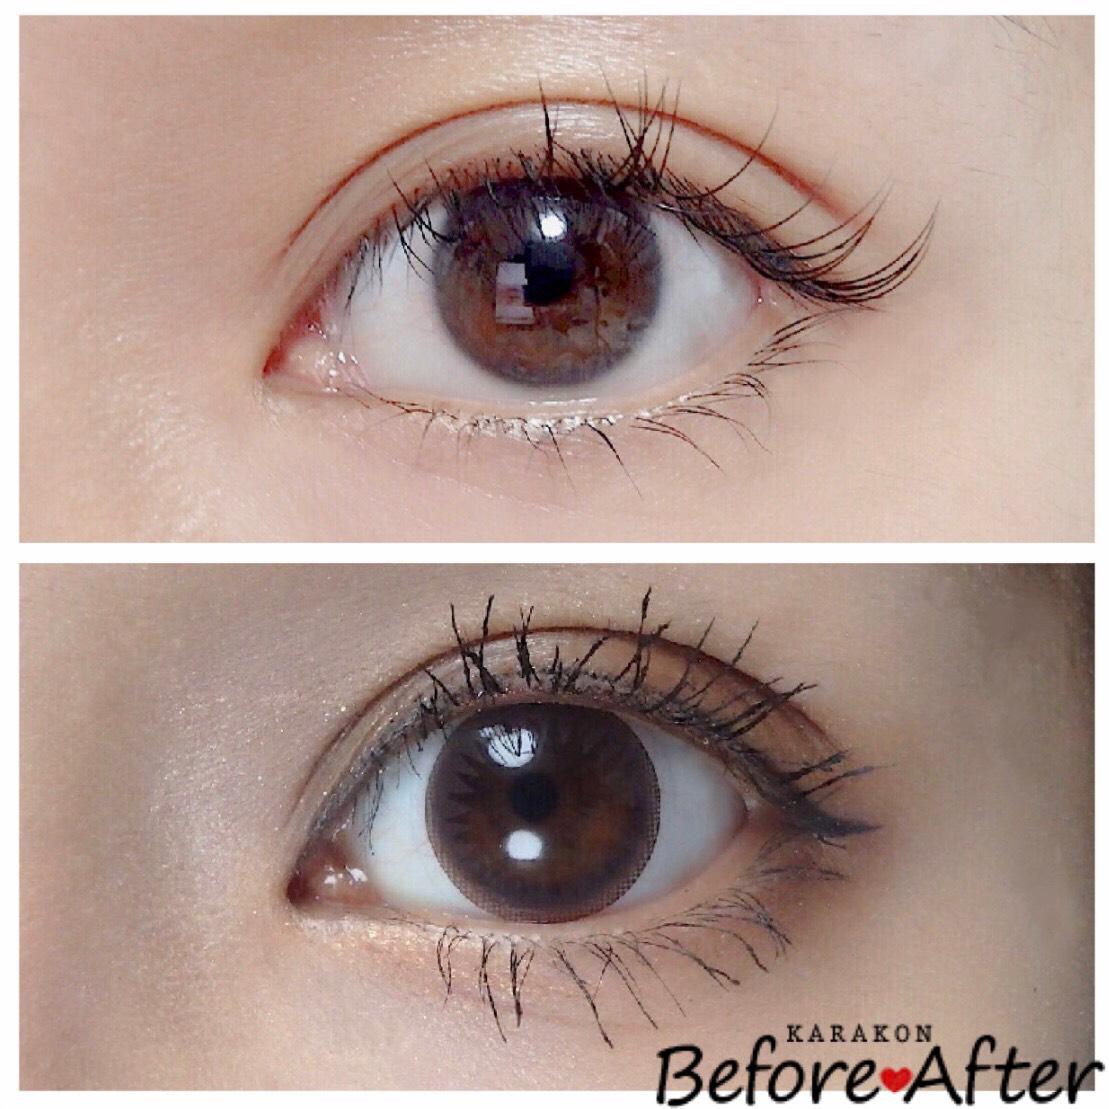 Eye Coffret 1day UV(アイコフレワンデー)ベースメイクのカラコン装着画像/裸眼と比較レポ